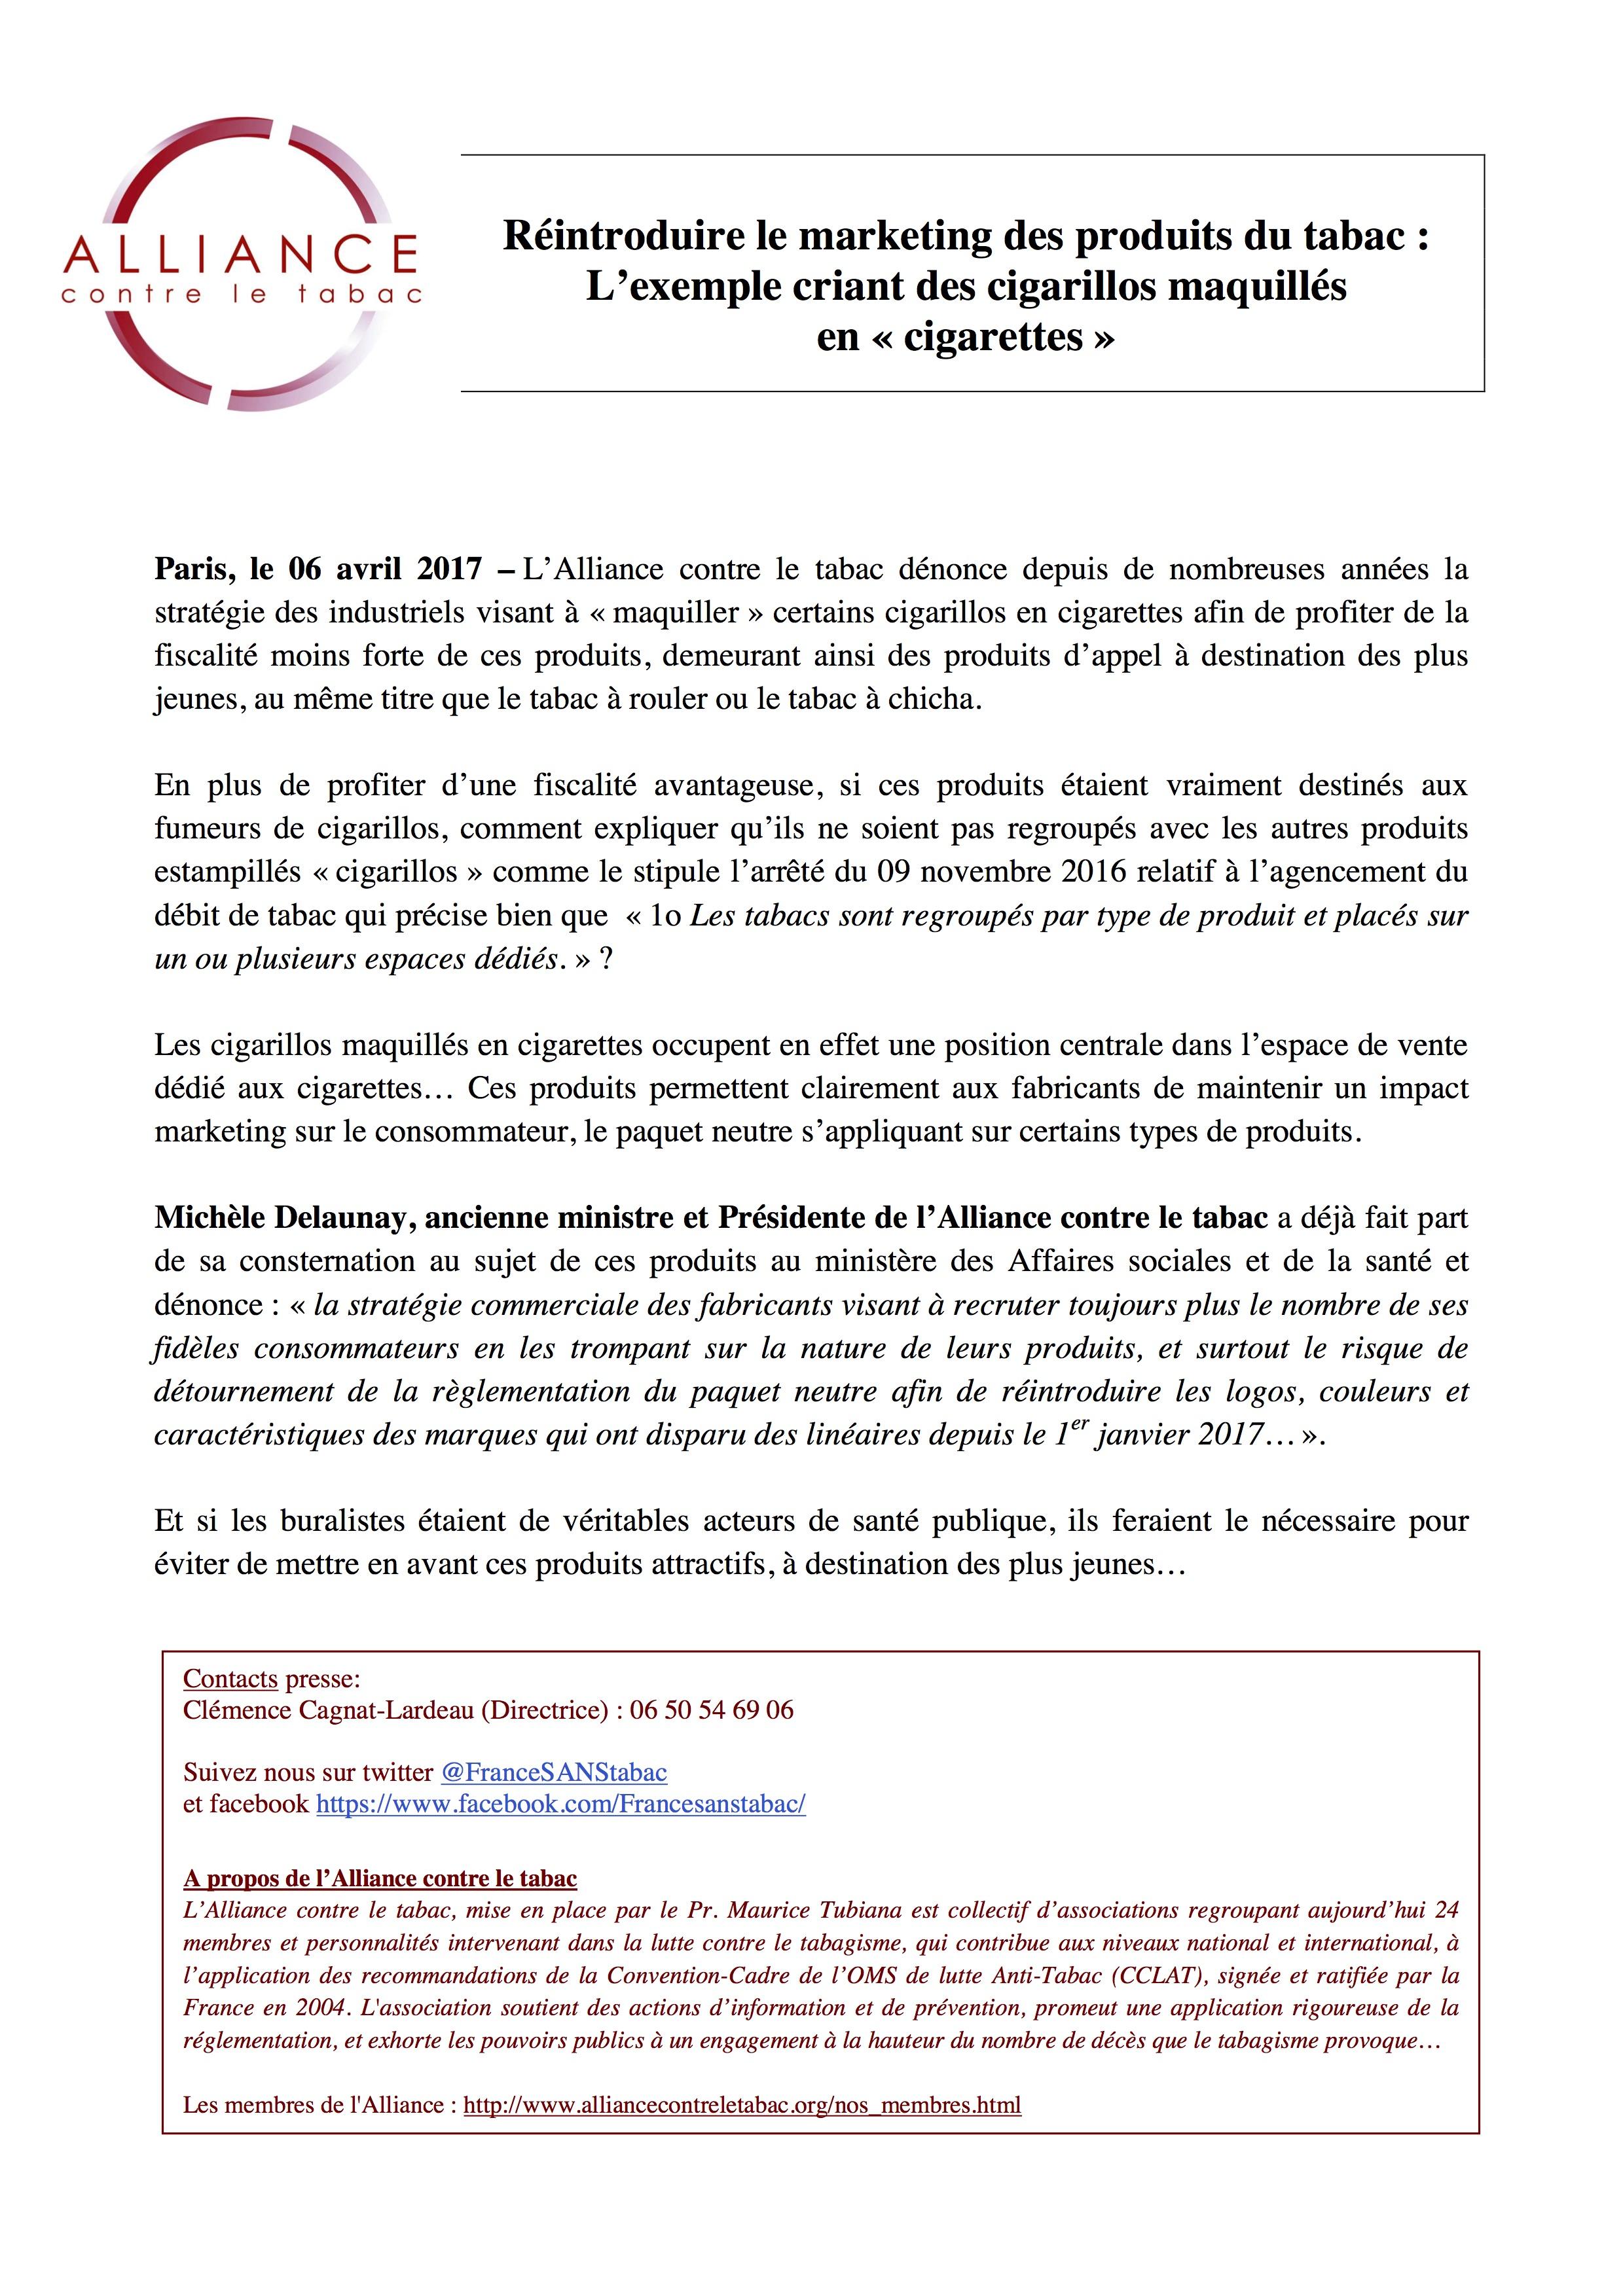 CP06042017 - Réintroduire le marketing des produits du tabac -  Lexemple des cigarillos maquillés en cigarettes.jpg